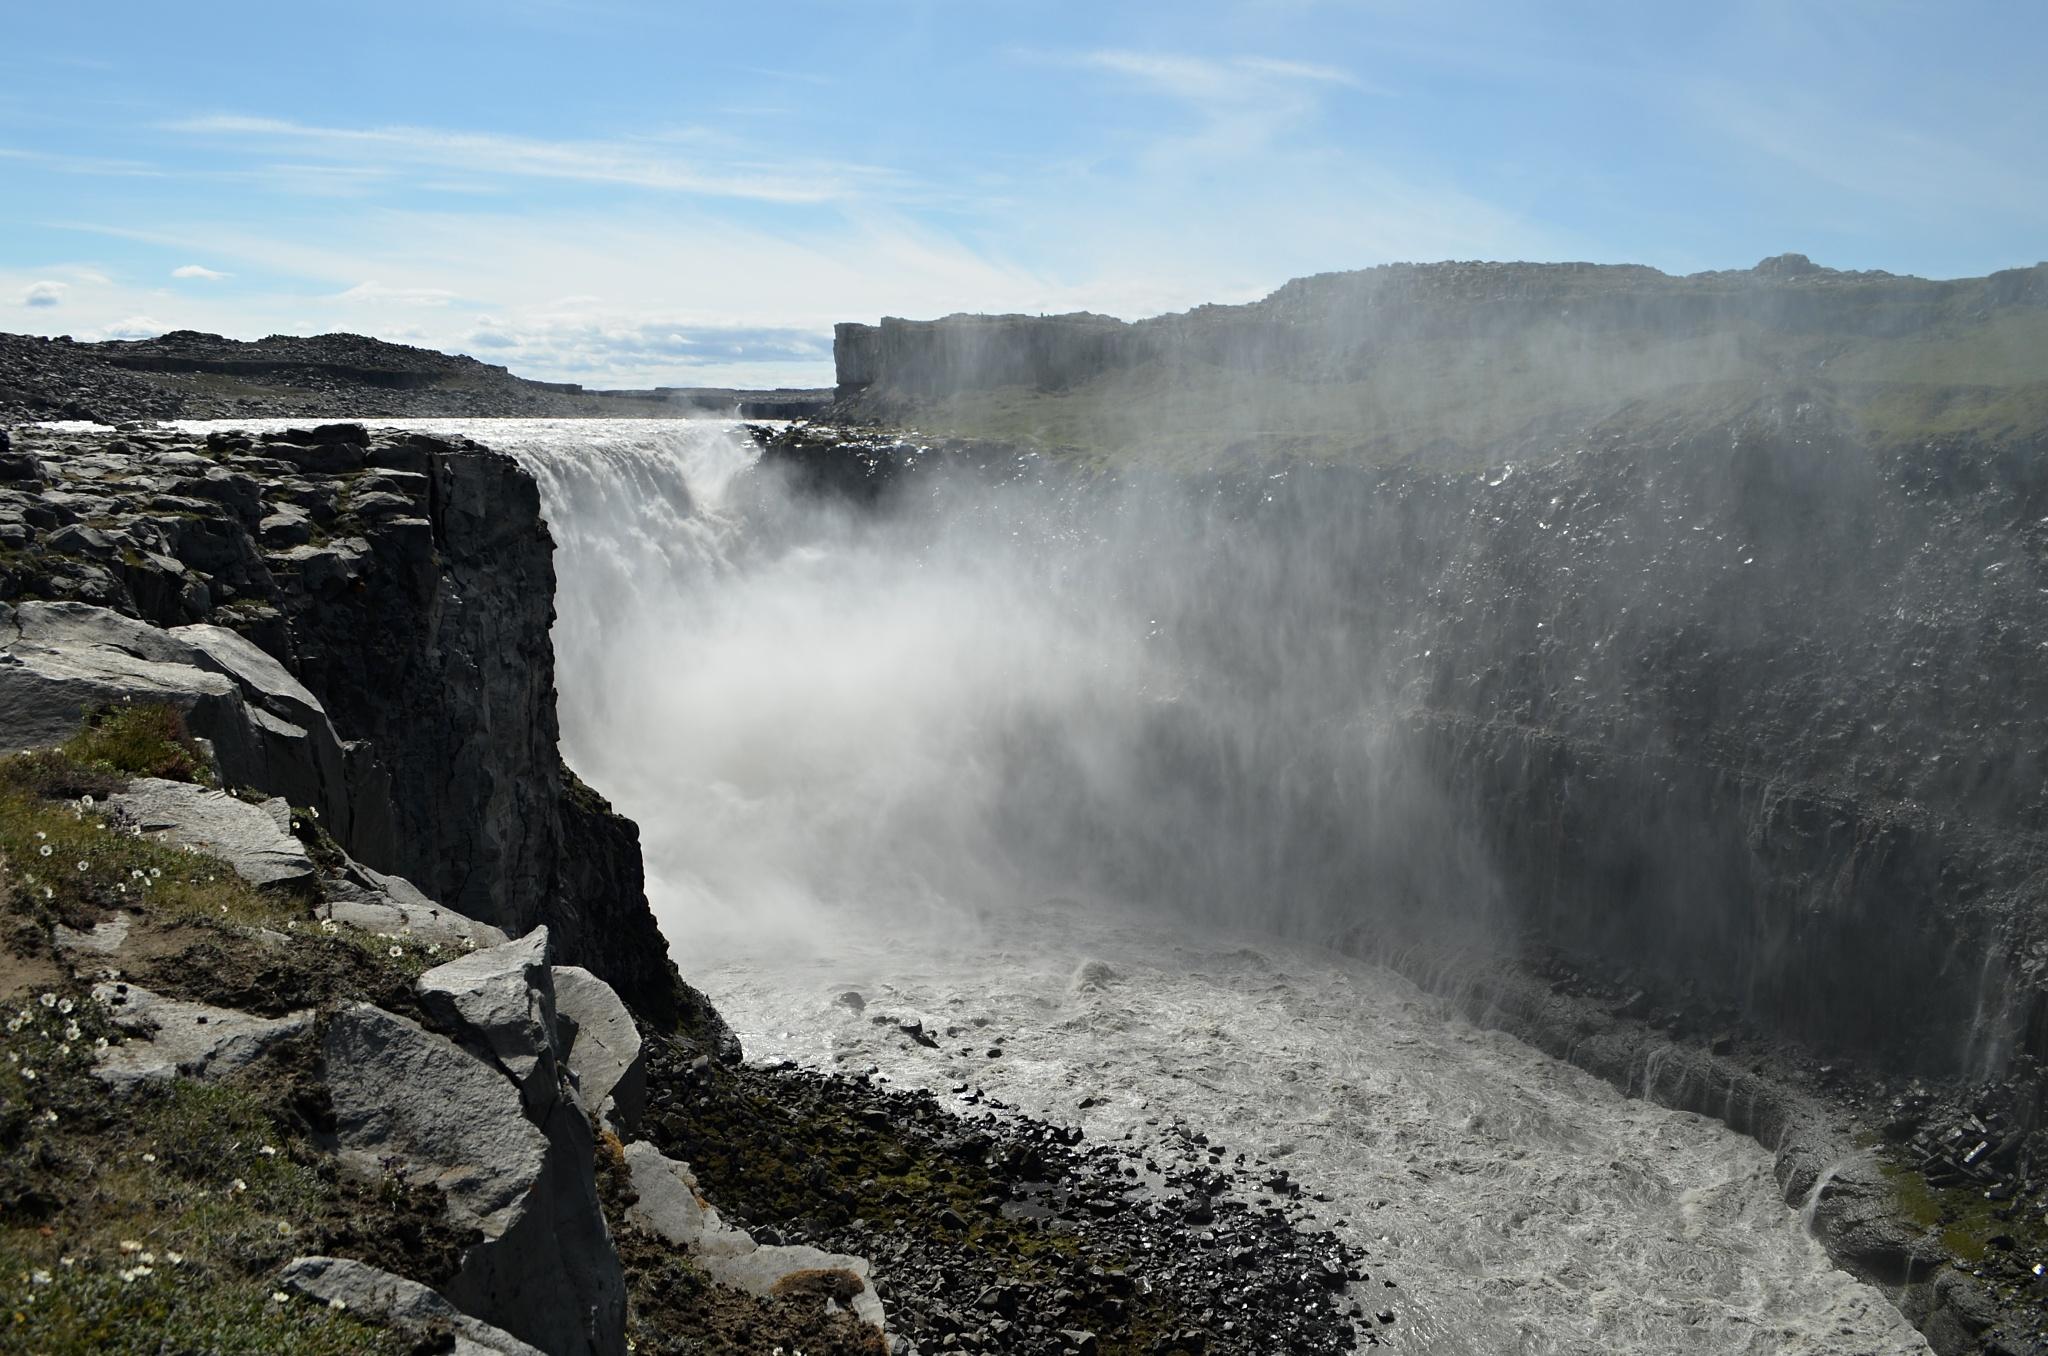 Obrovský vodopád Dettifoss